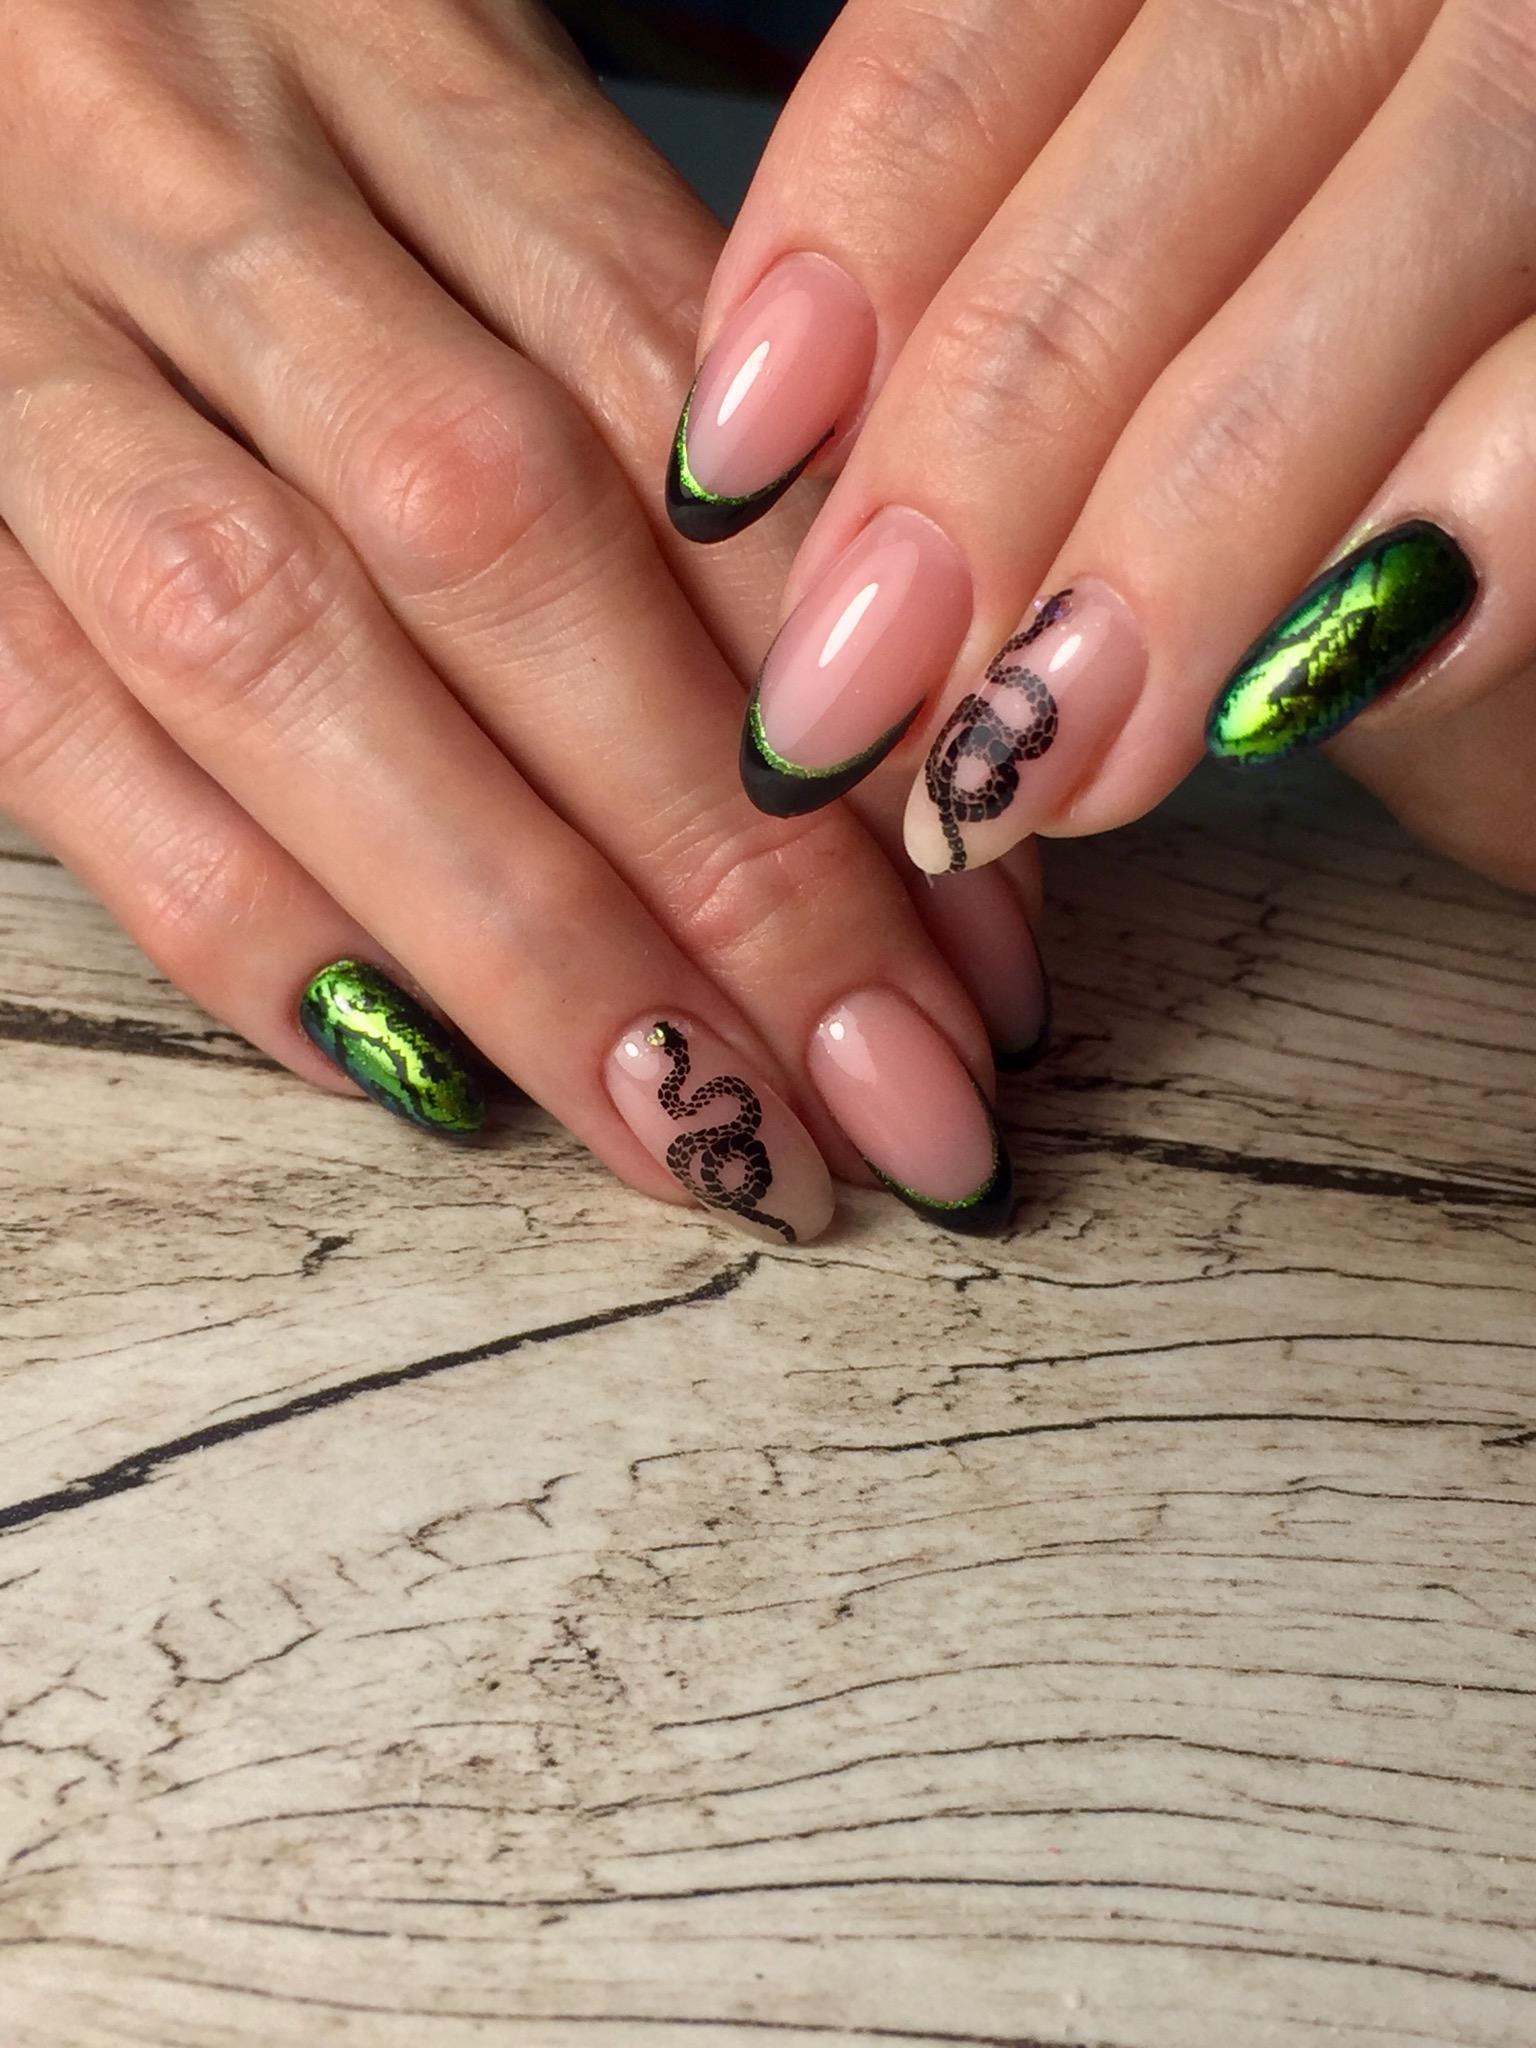 Френч со змеей и змеиным принтом на длинные ногти.